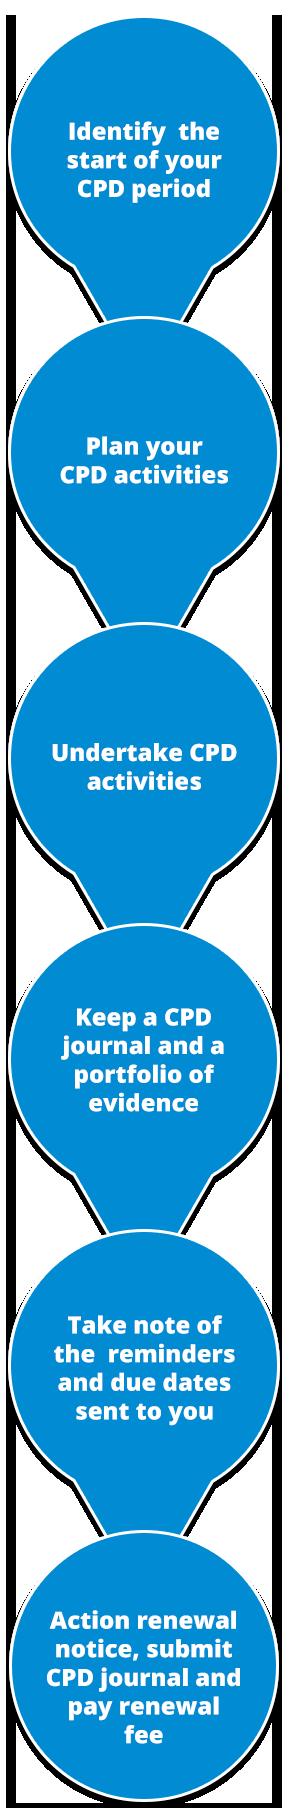 CHIA Renewal Process Steps